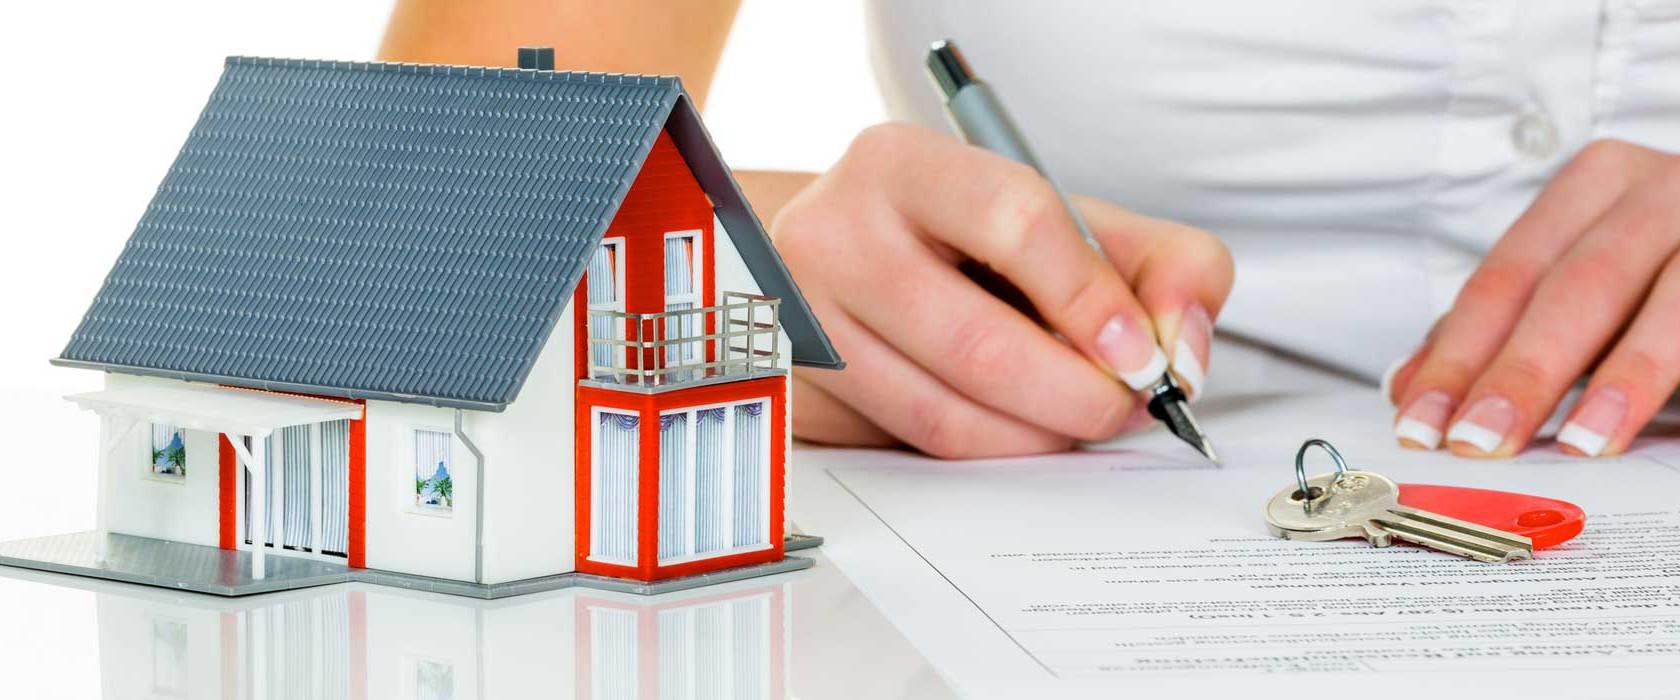 Юридическая помощь в оформлении недвижимости